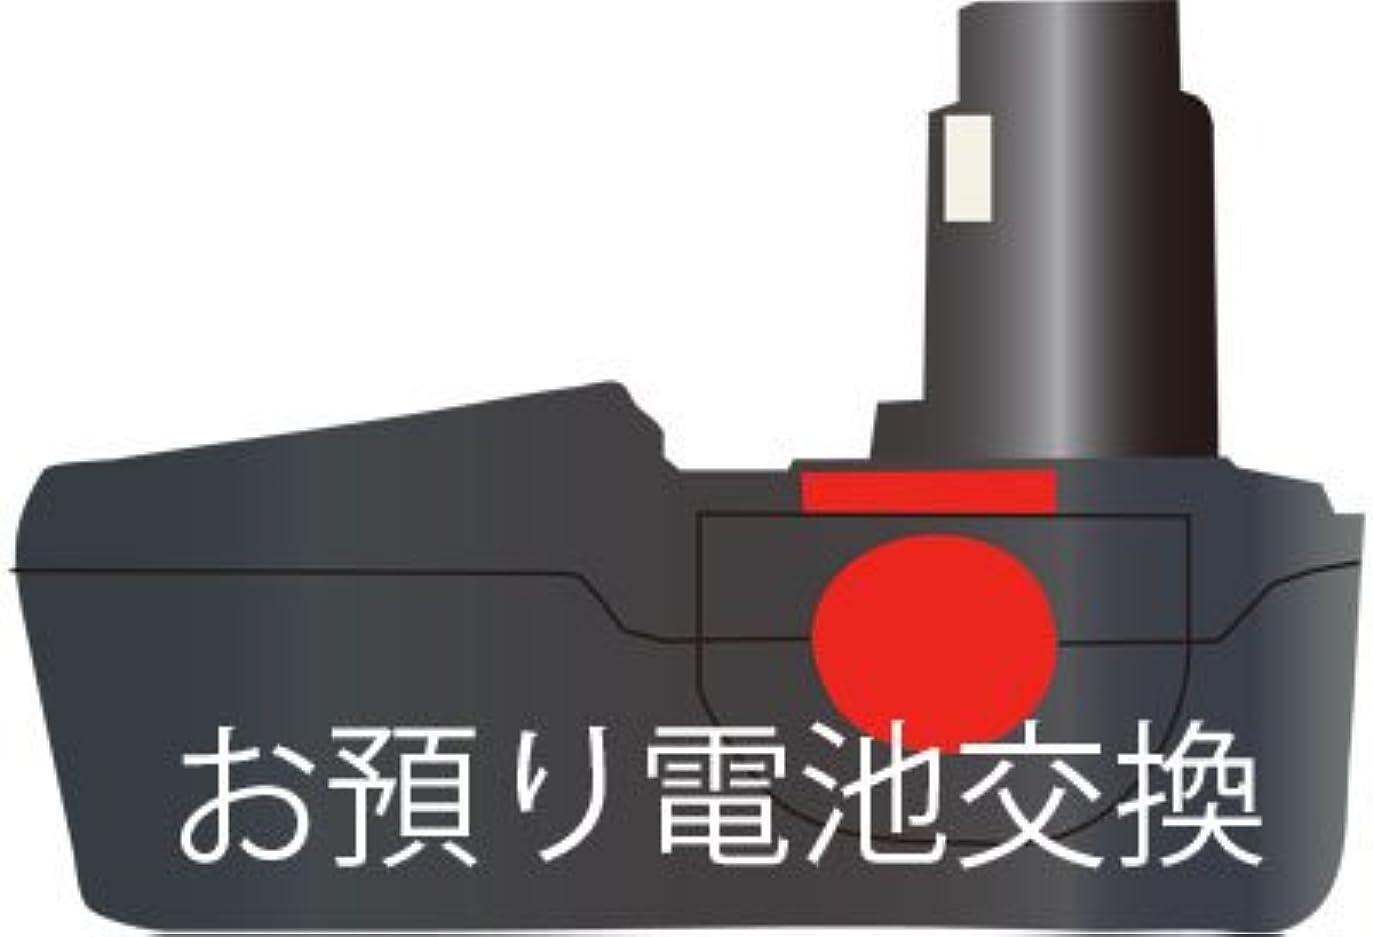 移行旅亡命KTC電動工具(JEA401-BAP)バッテリーパック 預りセル交換